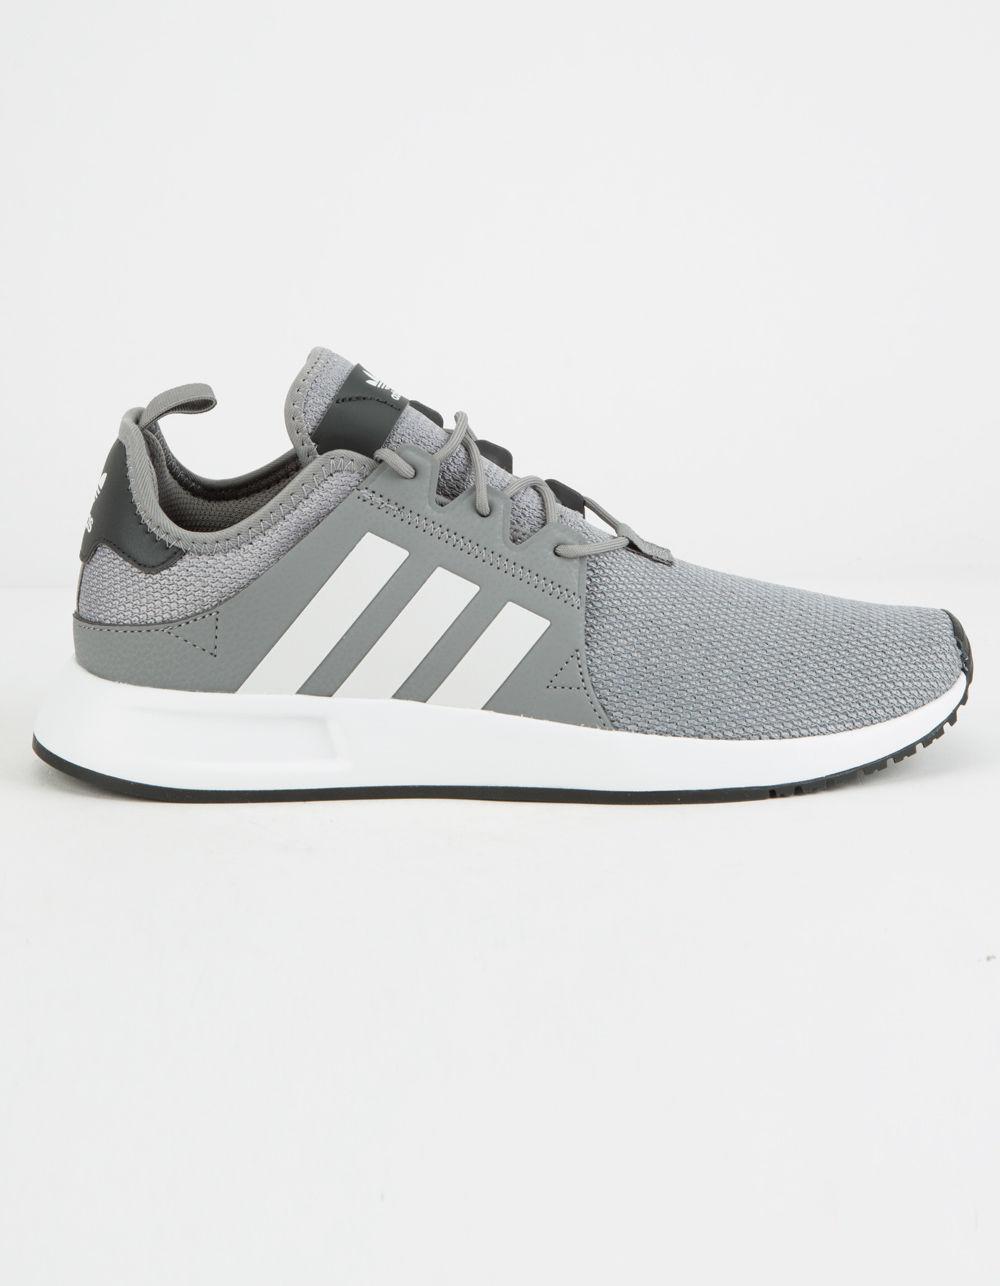 Lyst Adidas x PLR GRIS & blanco zapatos en gris para hombres